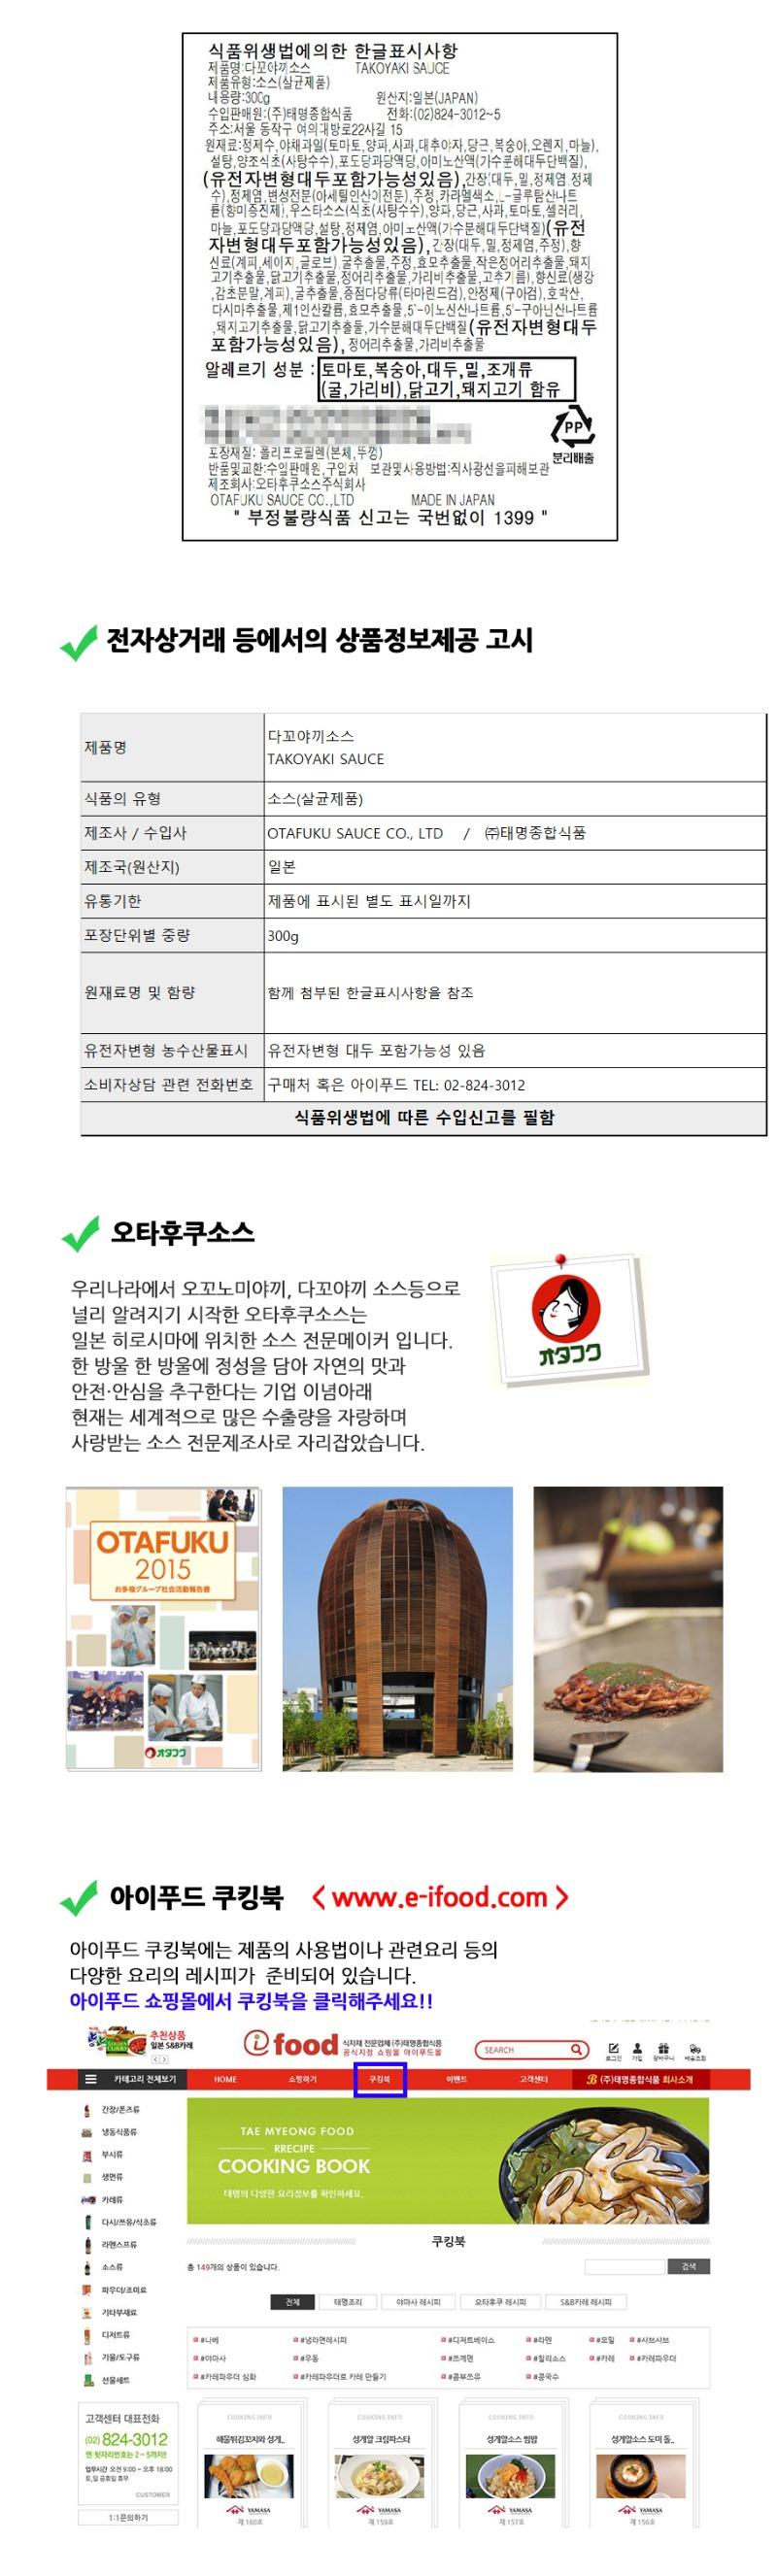 다꼬야끼소스 300g 상품정보2.jpg